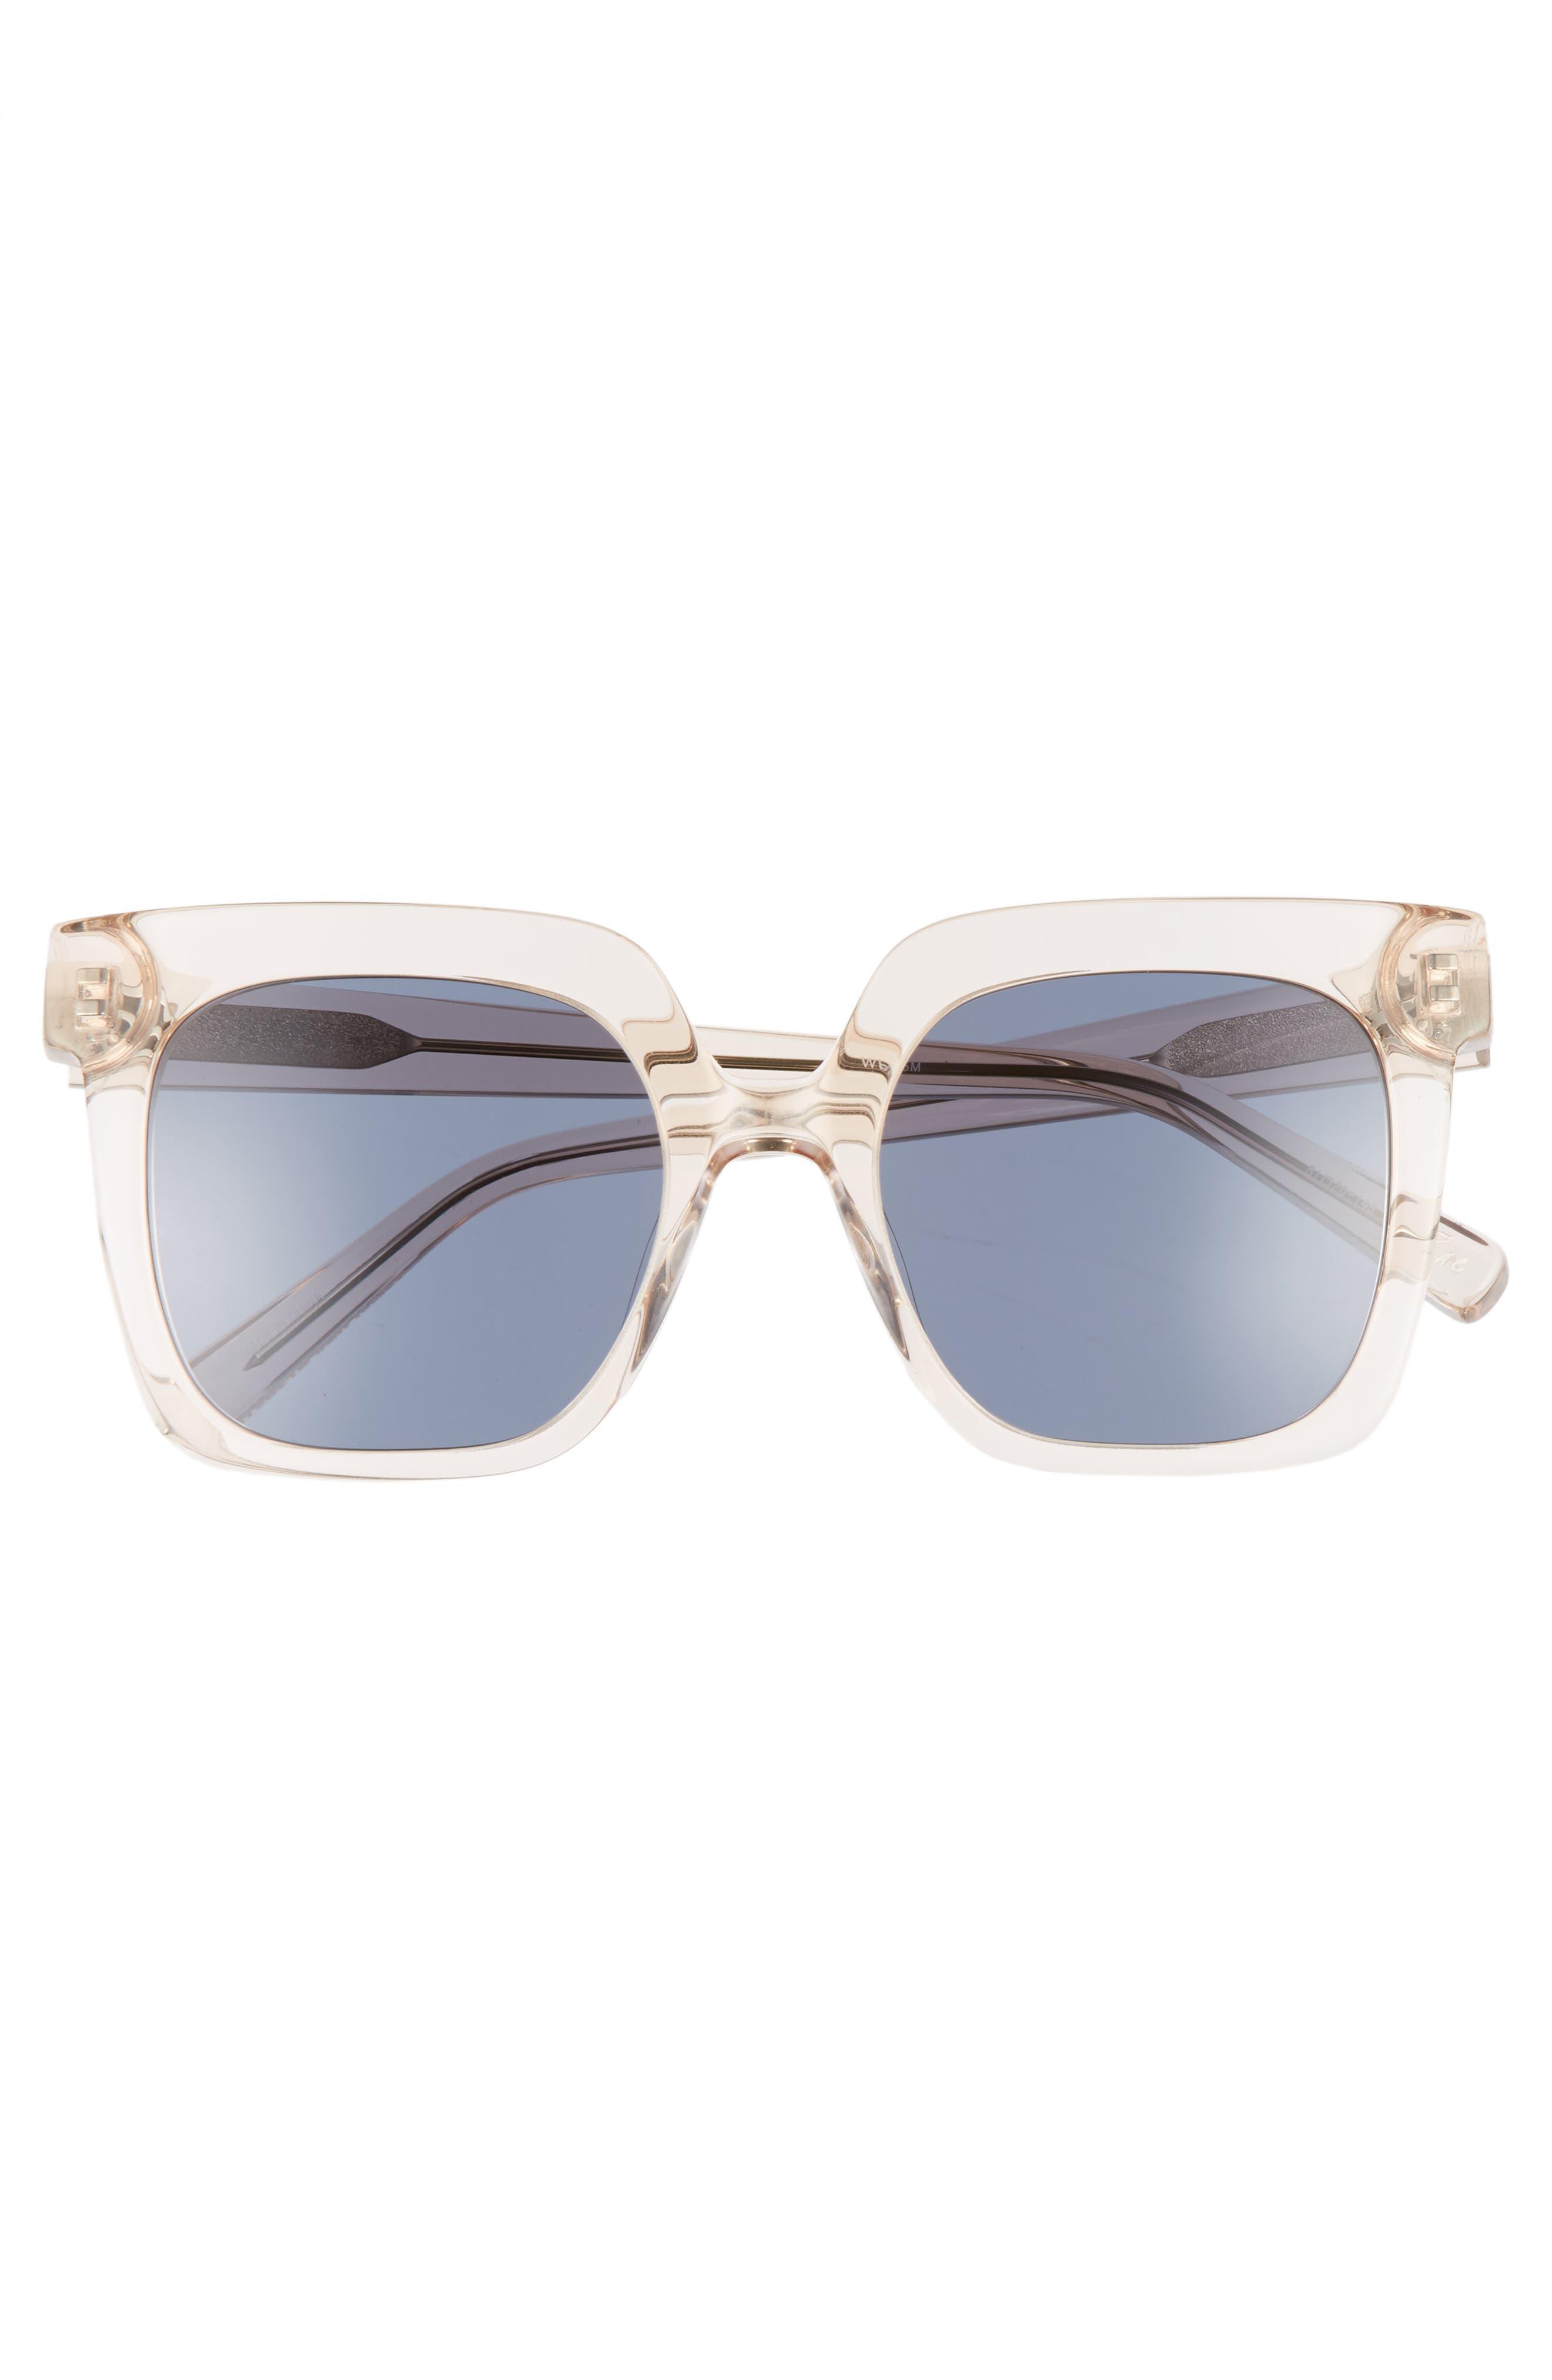 Rae 51mm Square Sunglasses,                             Alternate thumbnail 9, color,